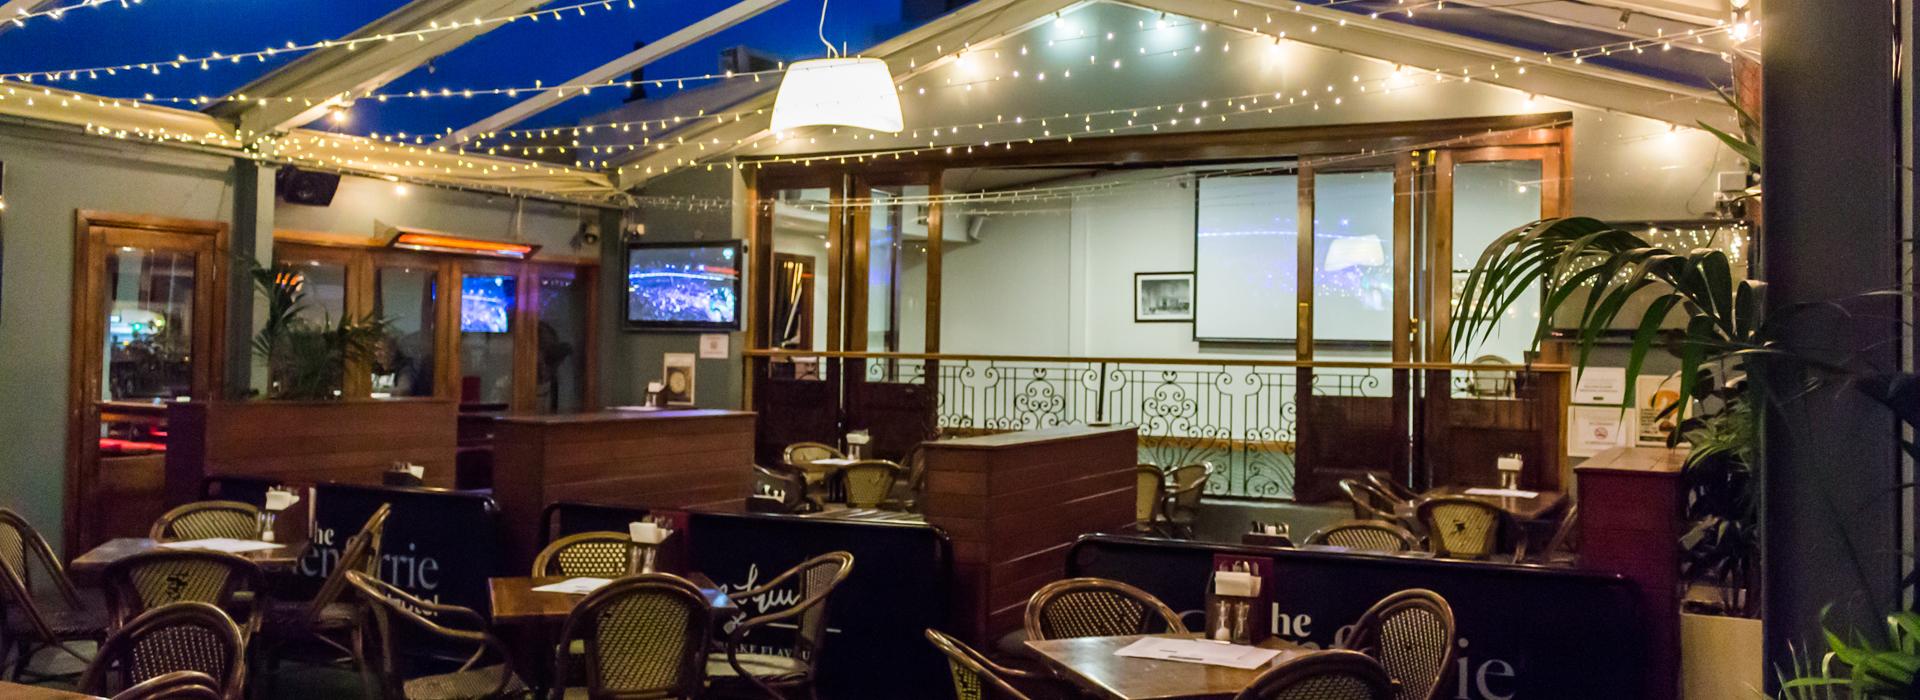 beer garden glenferrie hotel hawthorn